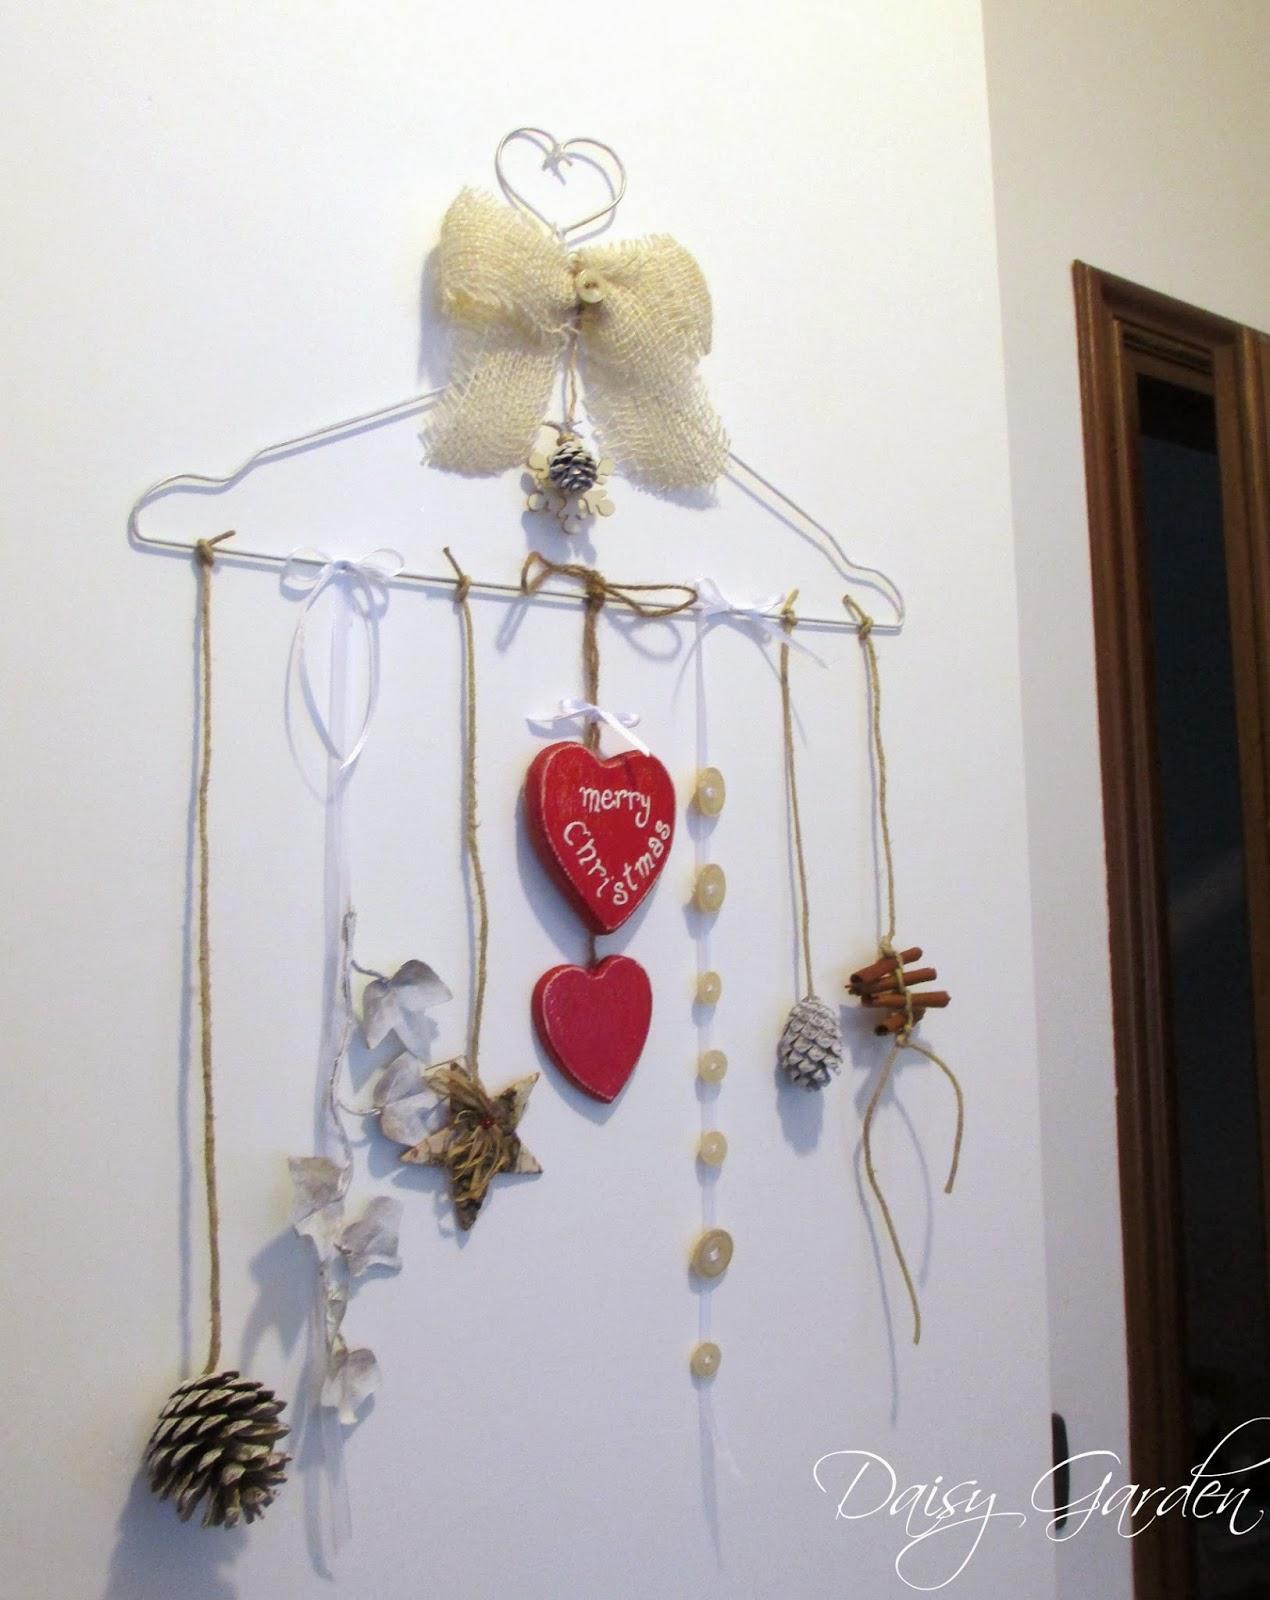 Daisy garden le decorazioni di natale una ghirlanda - Creare decorazioni per natale ...